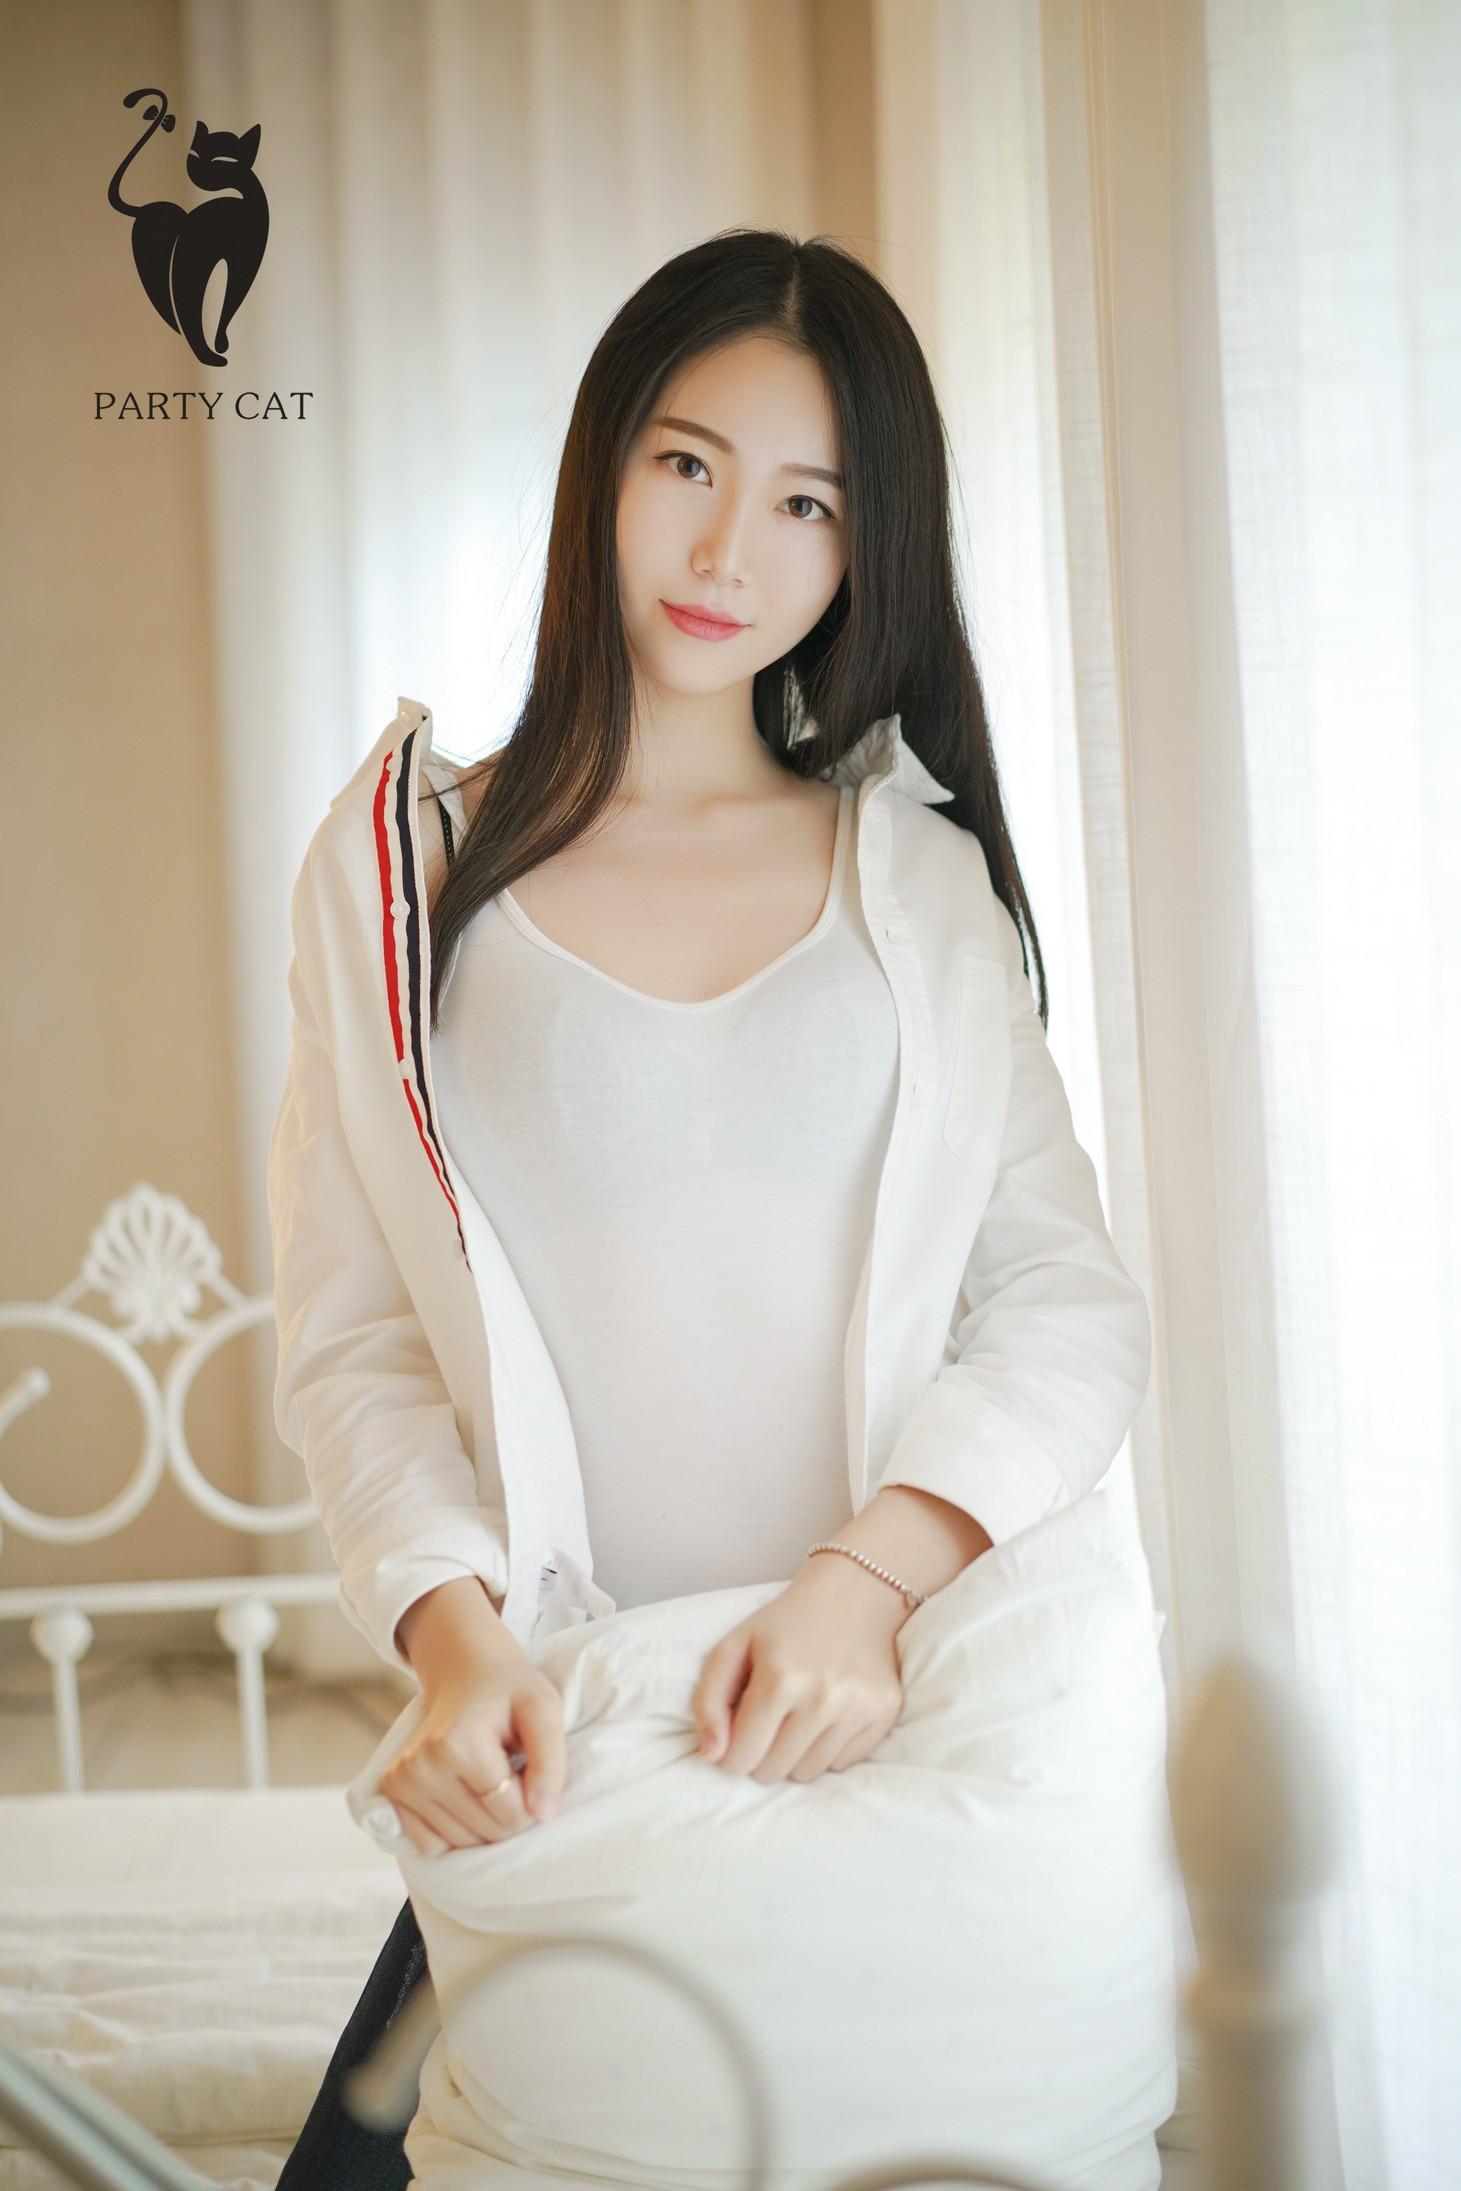 Party Cat vol.066 DuoDuo partycat003